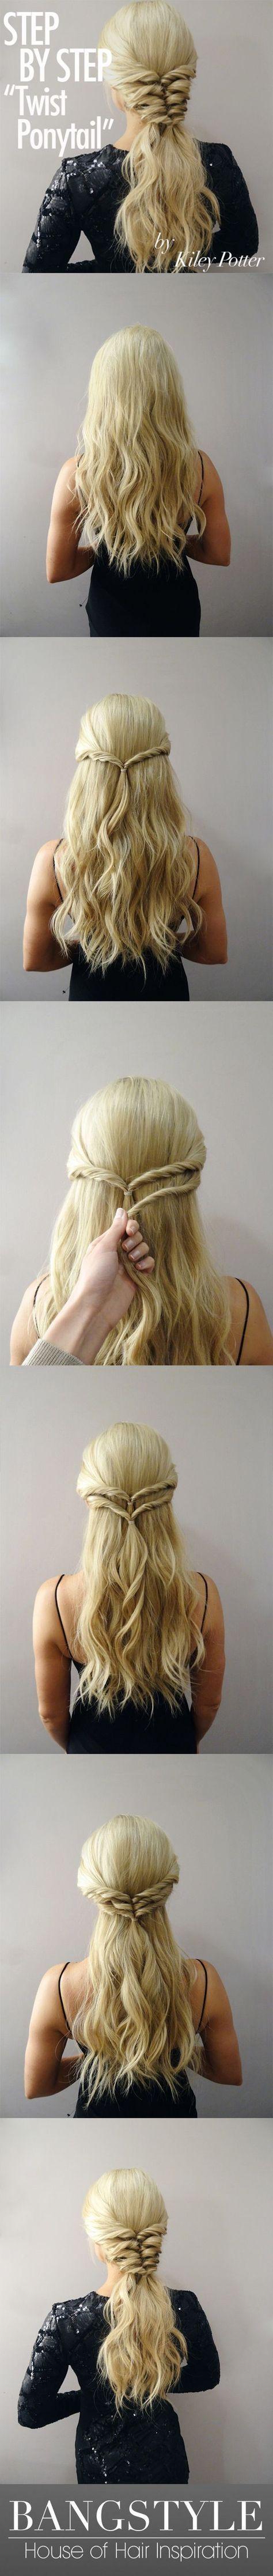 Die besten 25 Easy every day hairstyles Ideen auf Pinterest